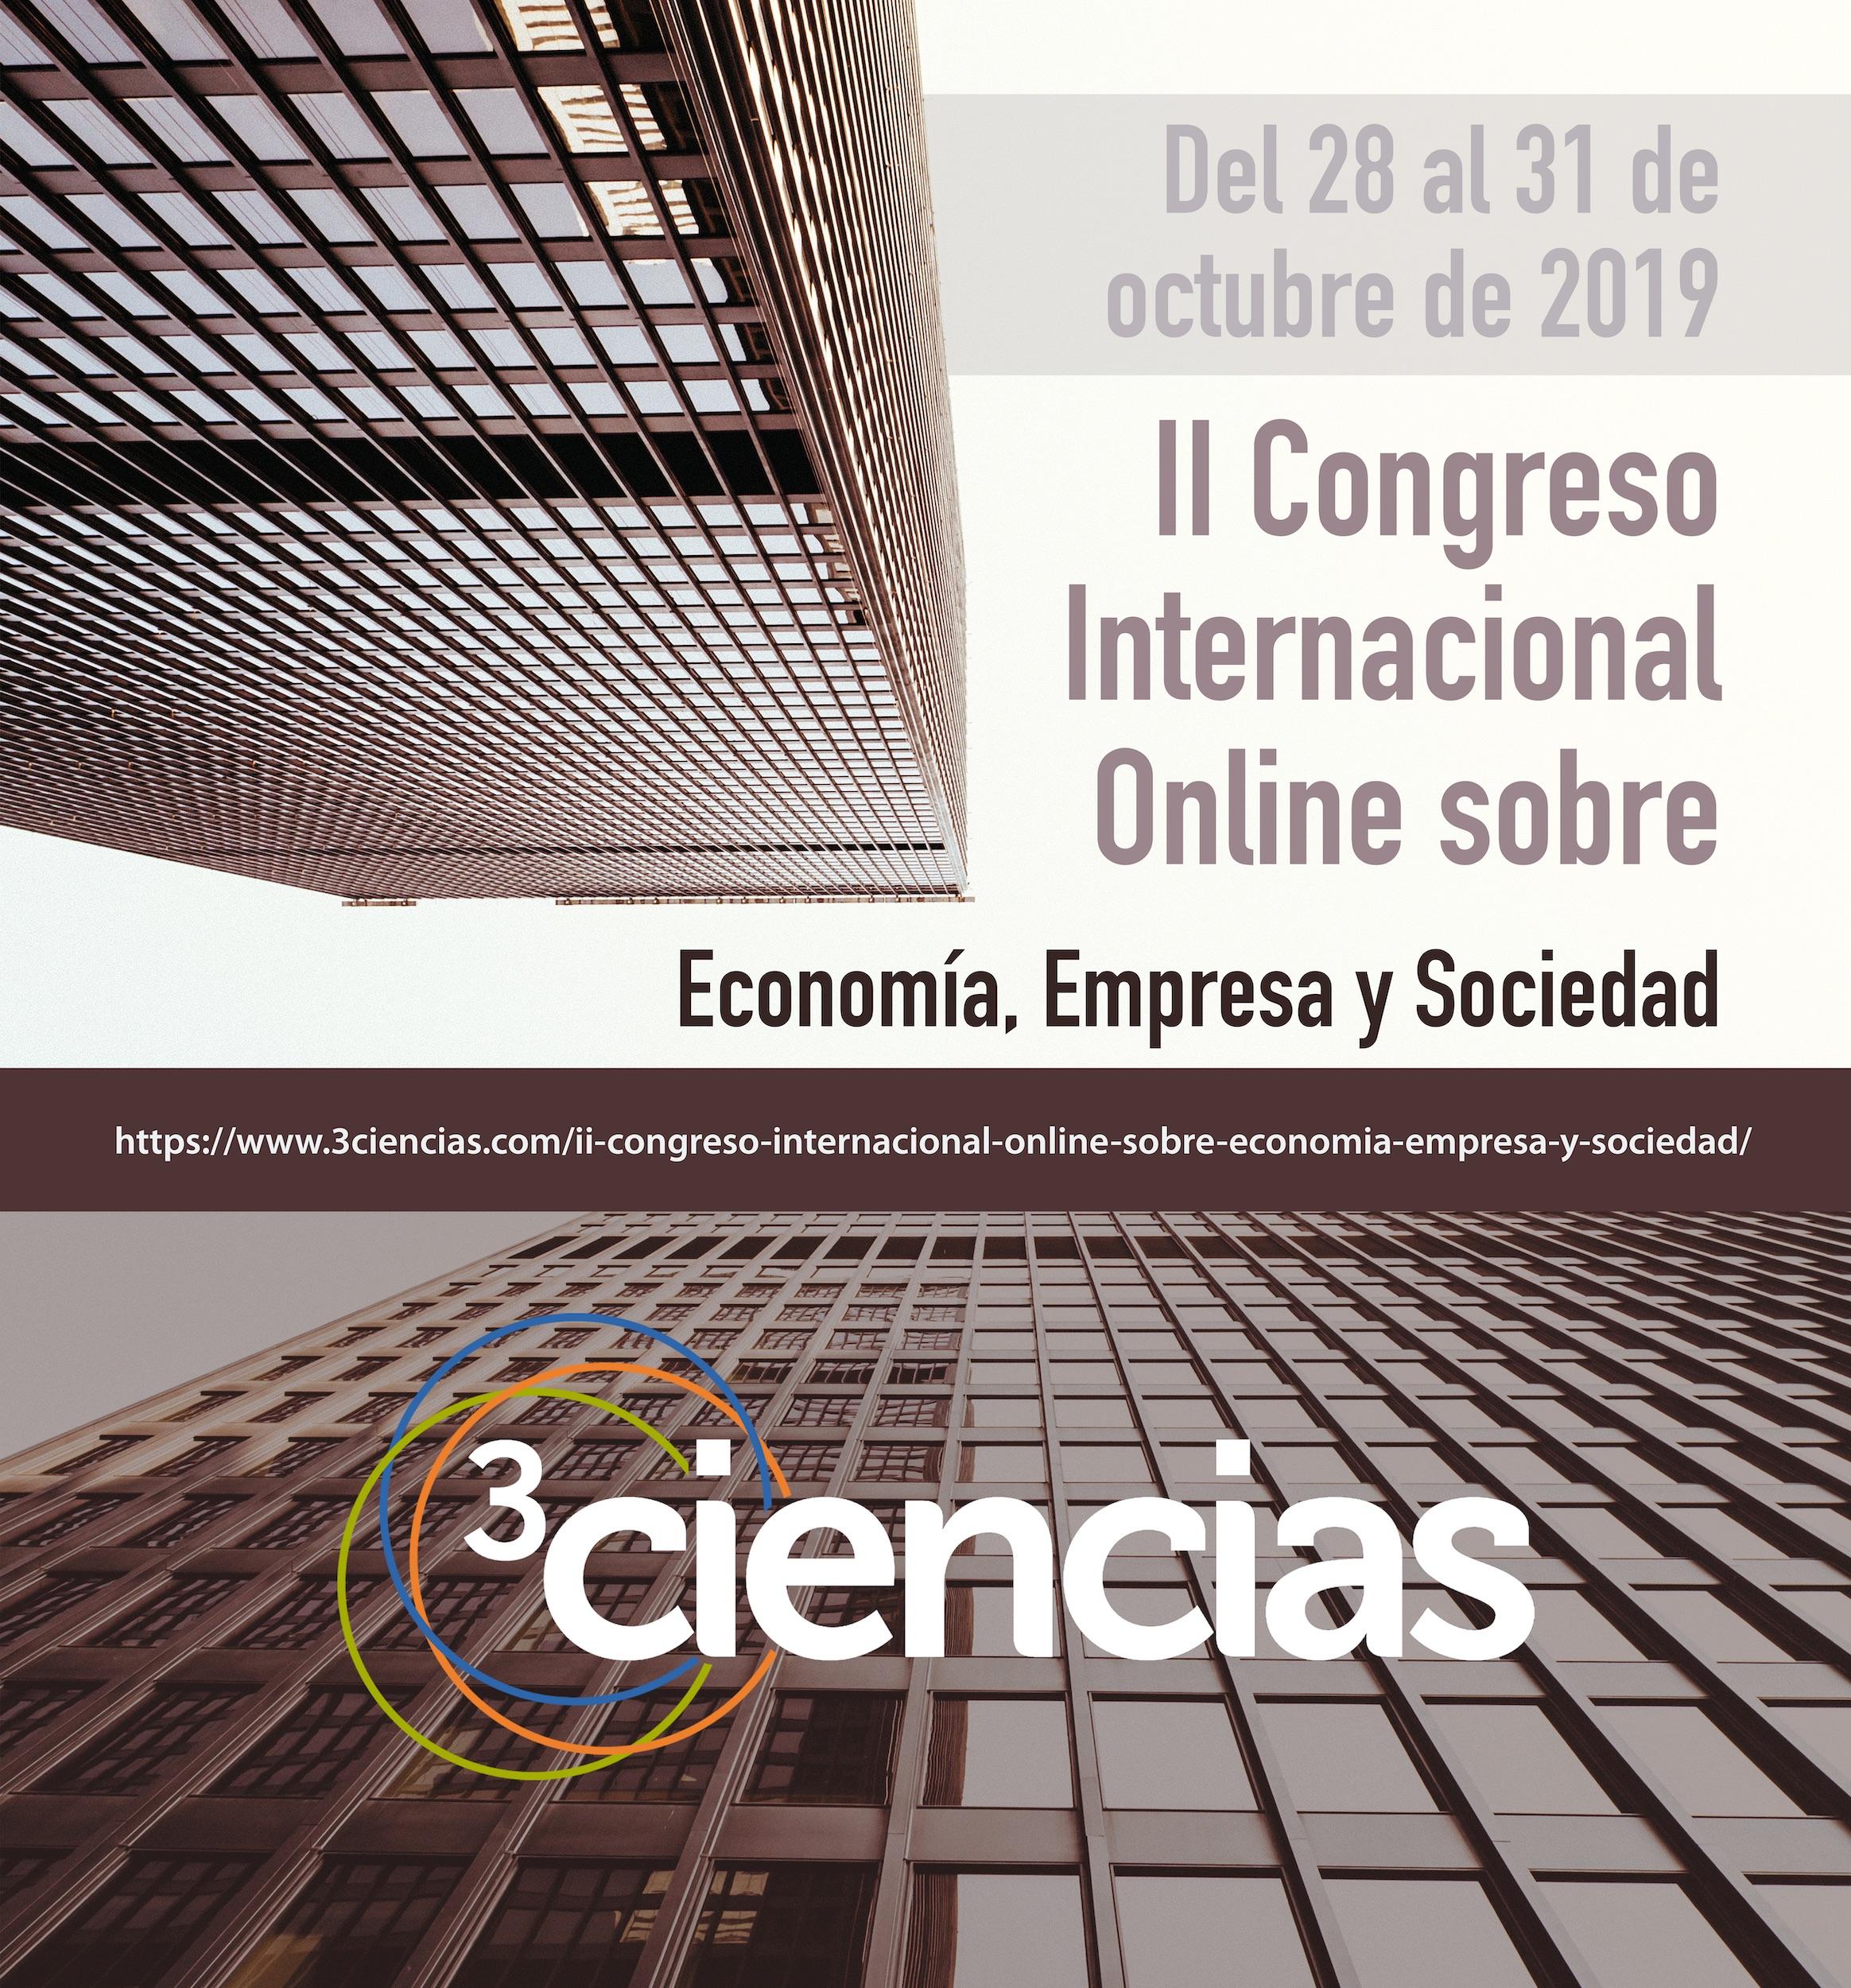 II Congreso Internacional Online sobre Economía